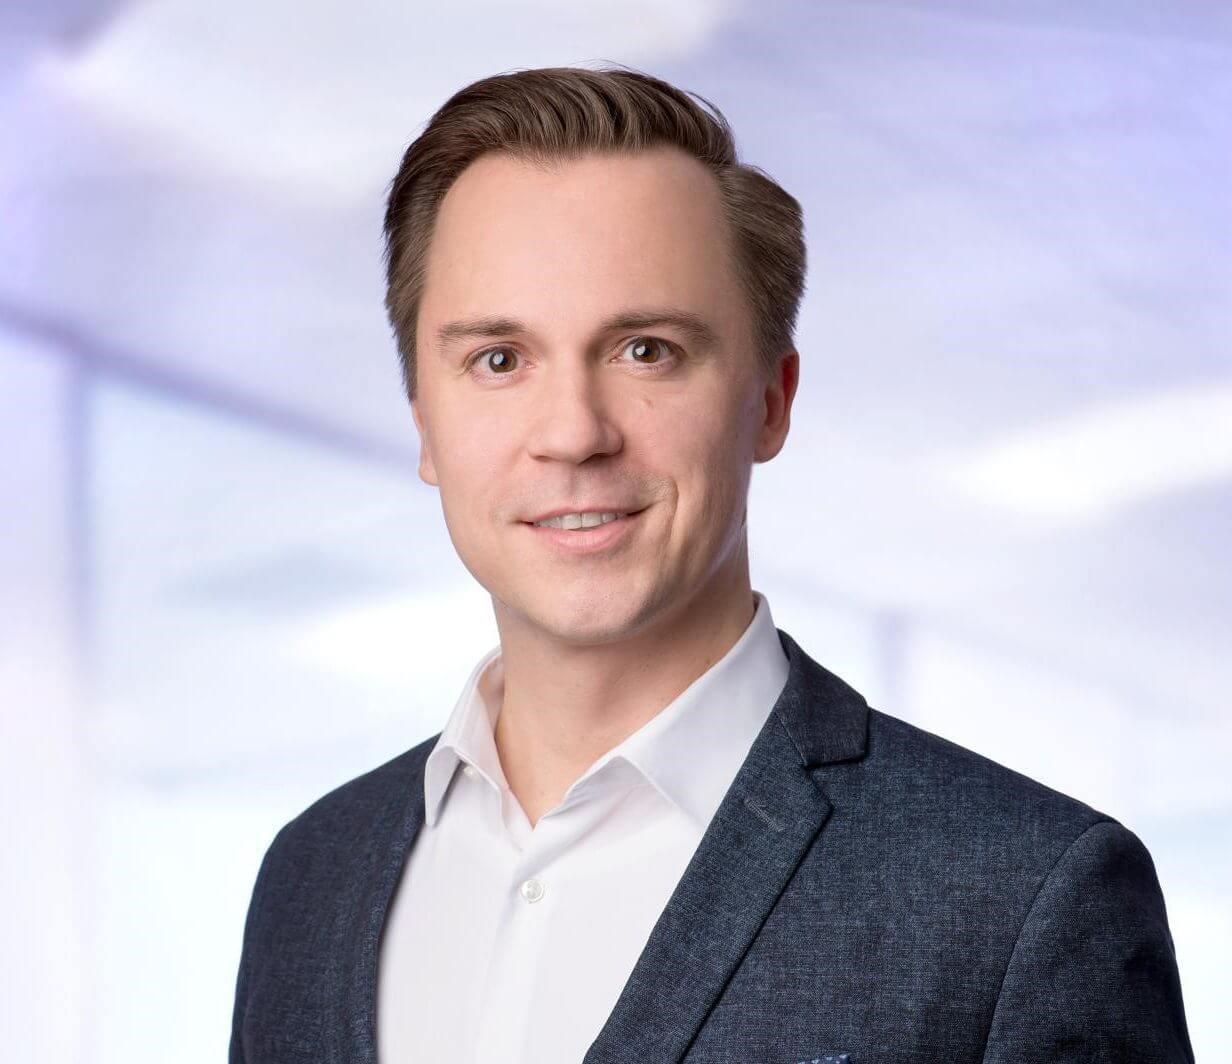 Dr. Jens Lange